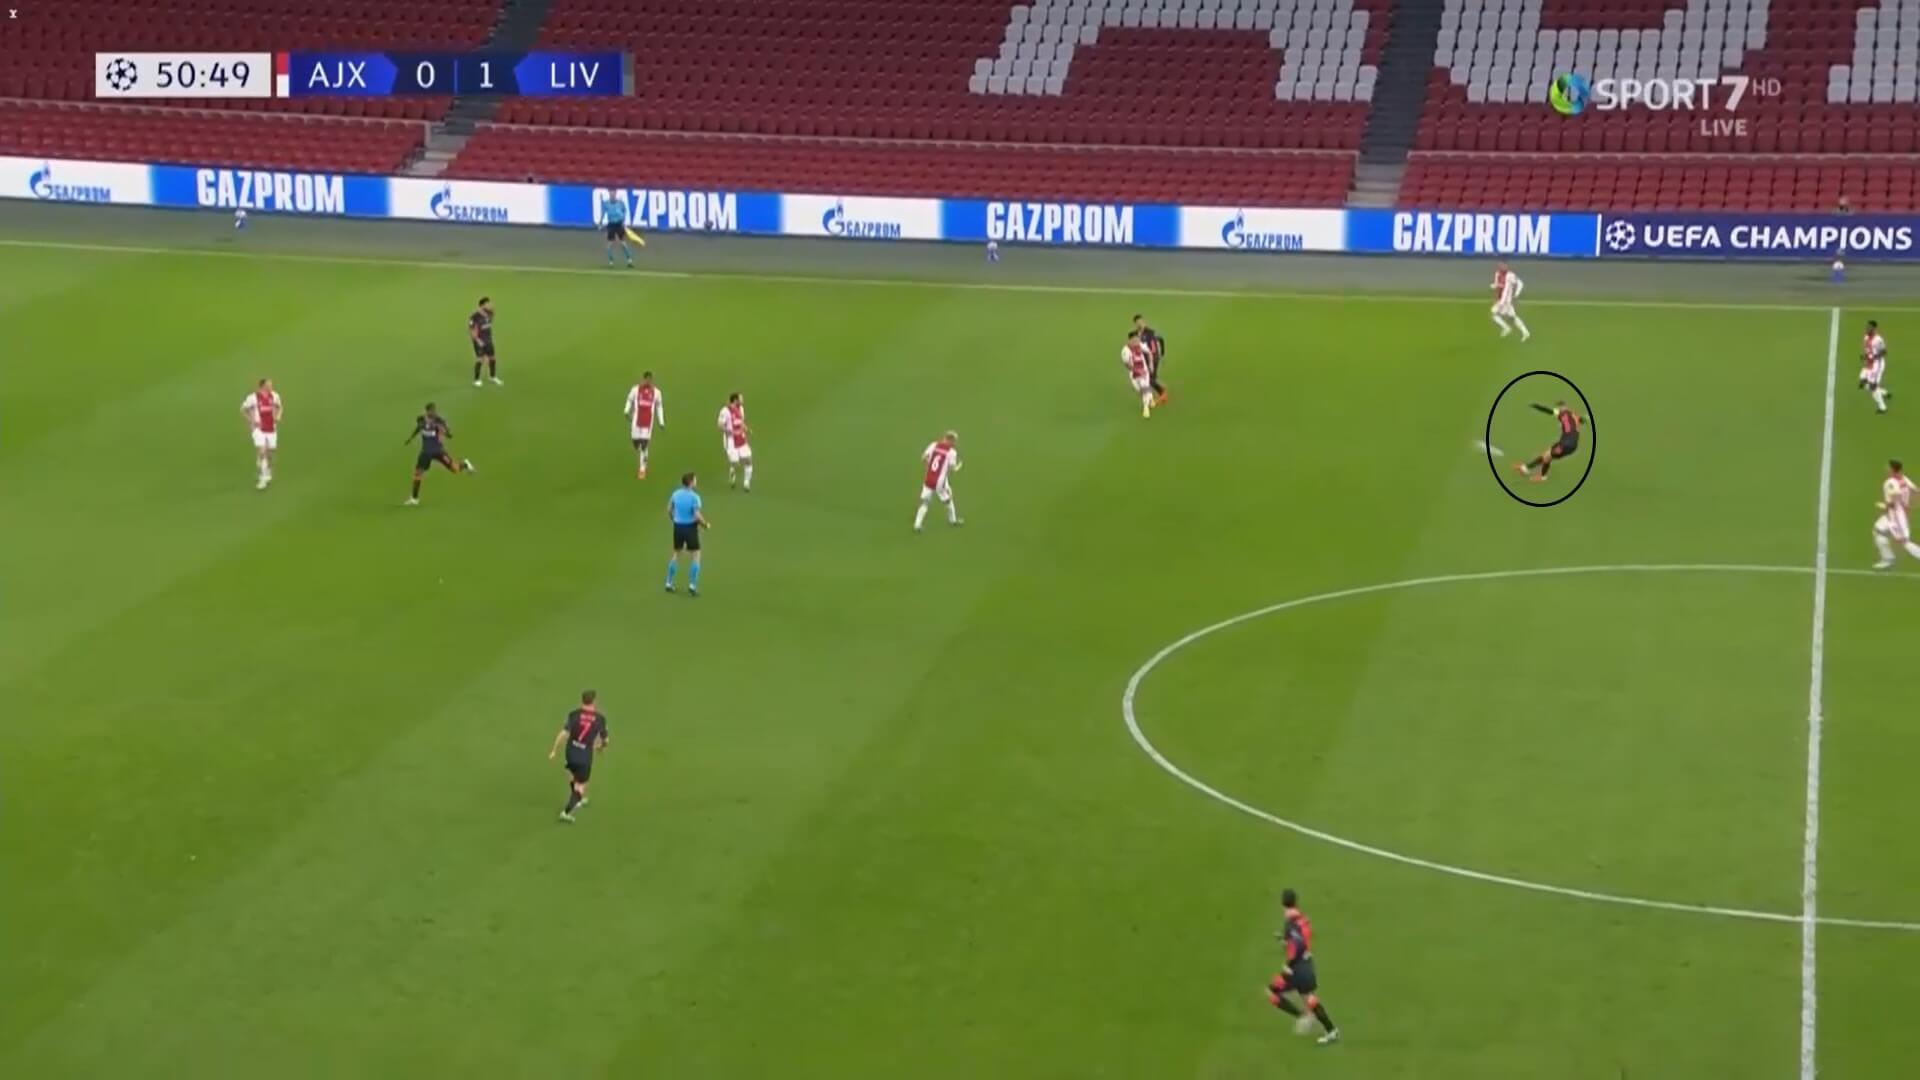 UEFA Champions League 2020/2021: Liverpool v Ajax - tactical preview tactics analysis